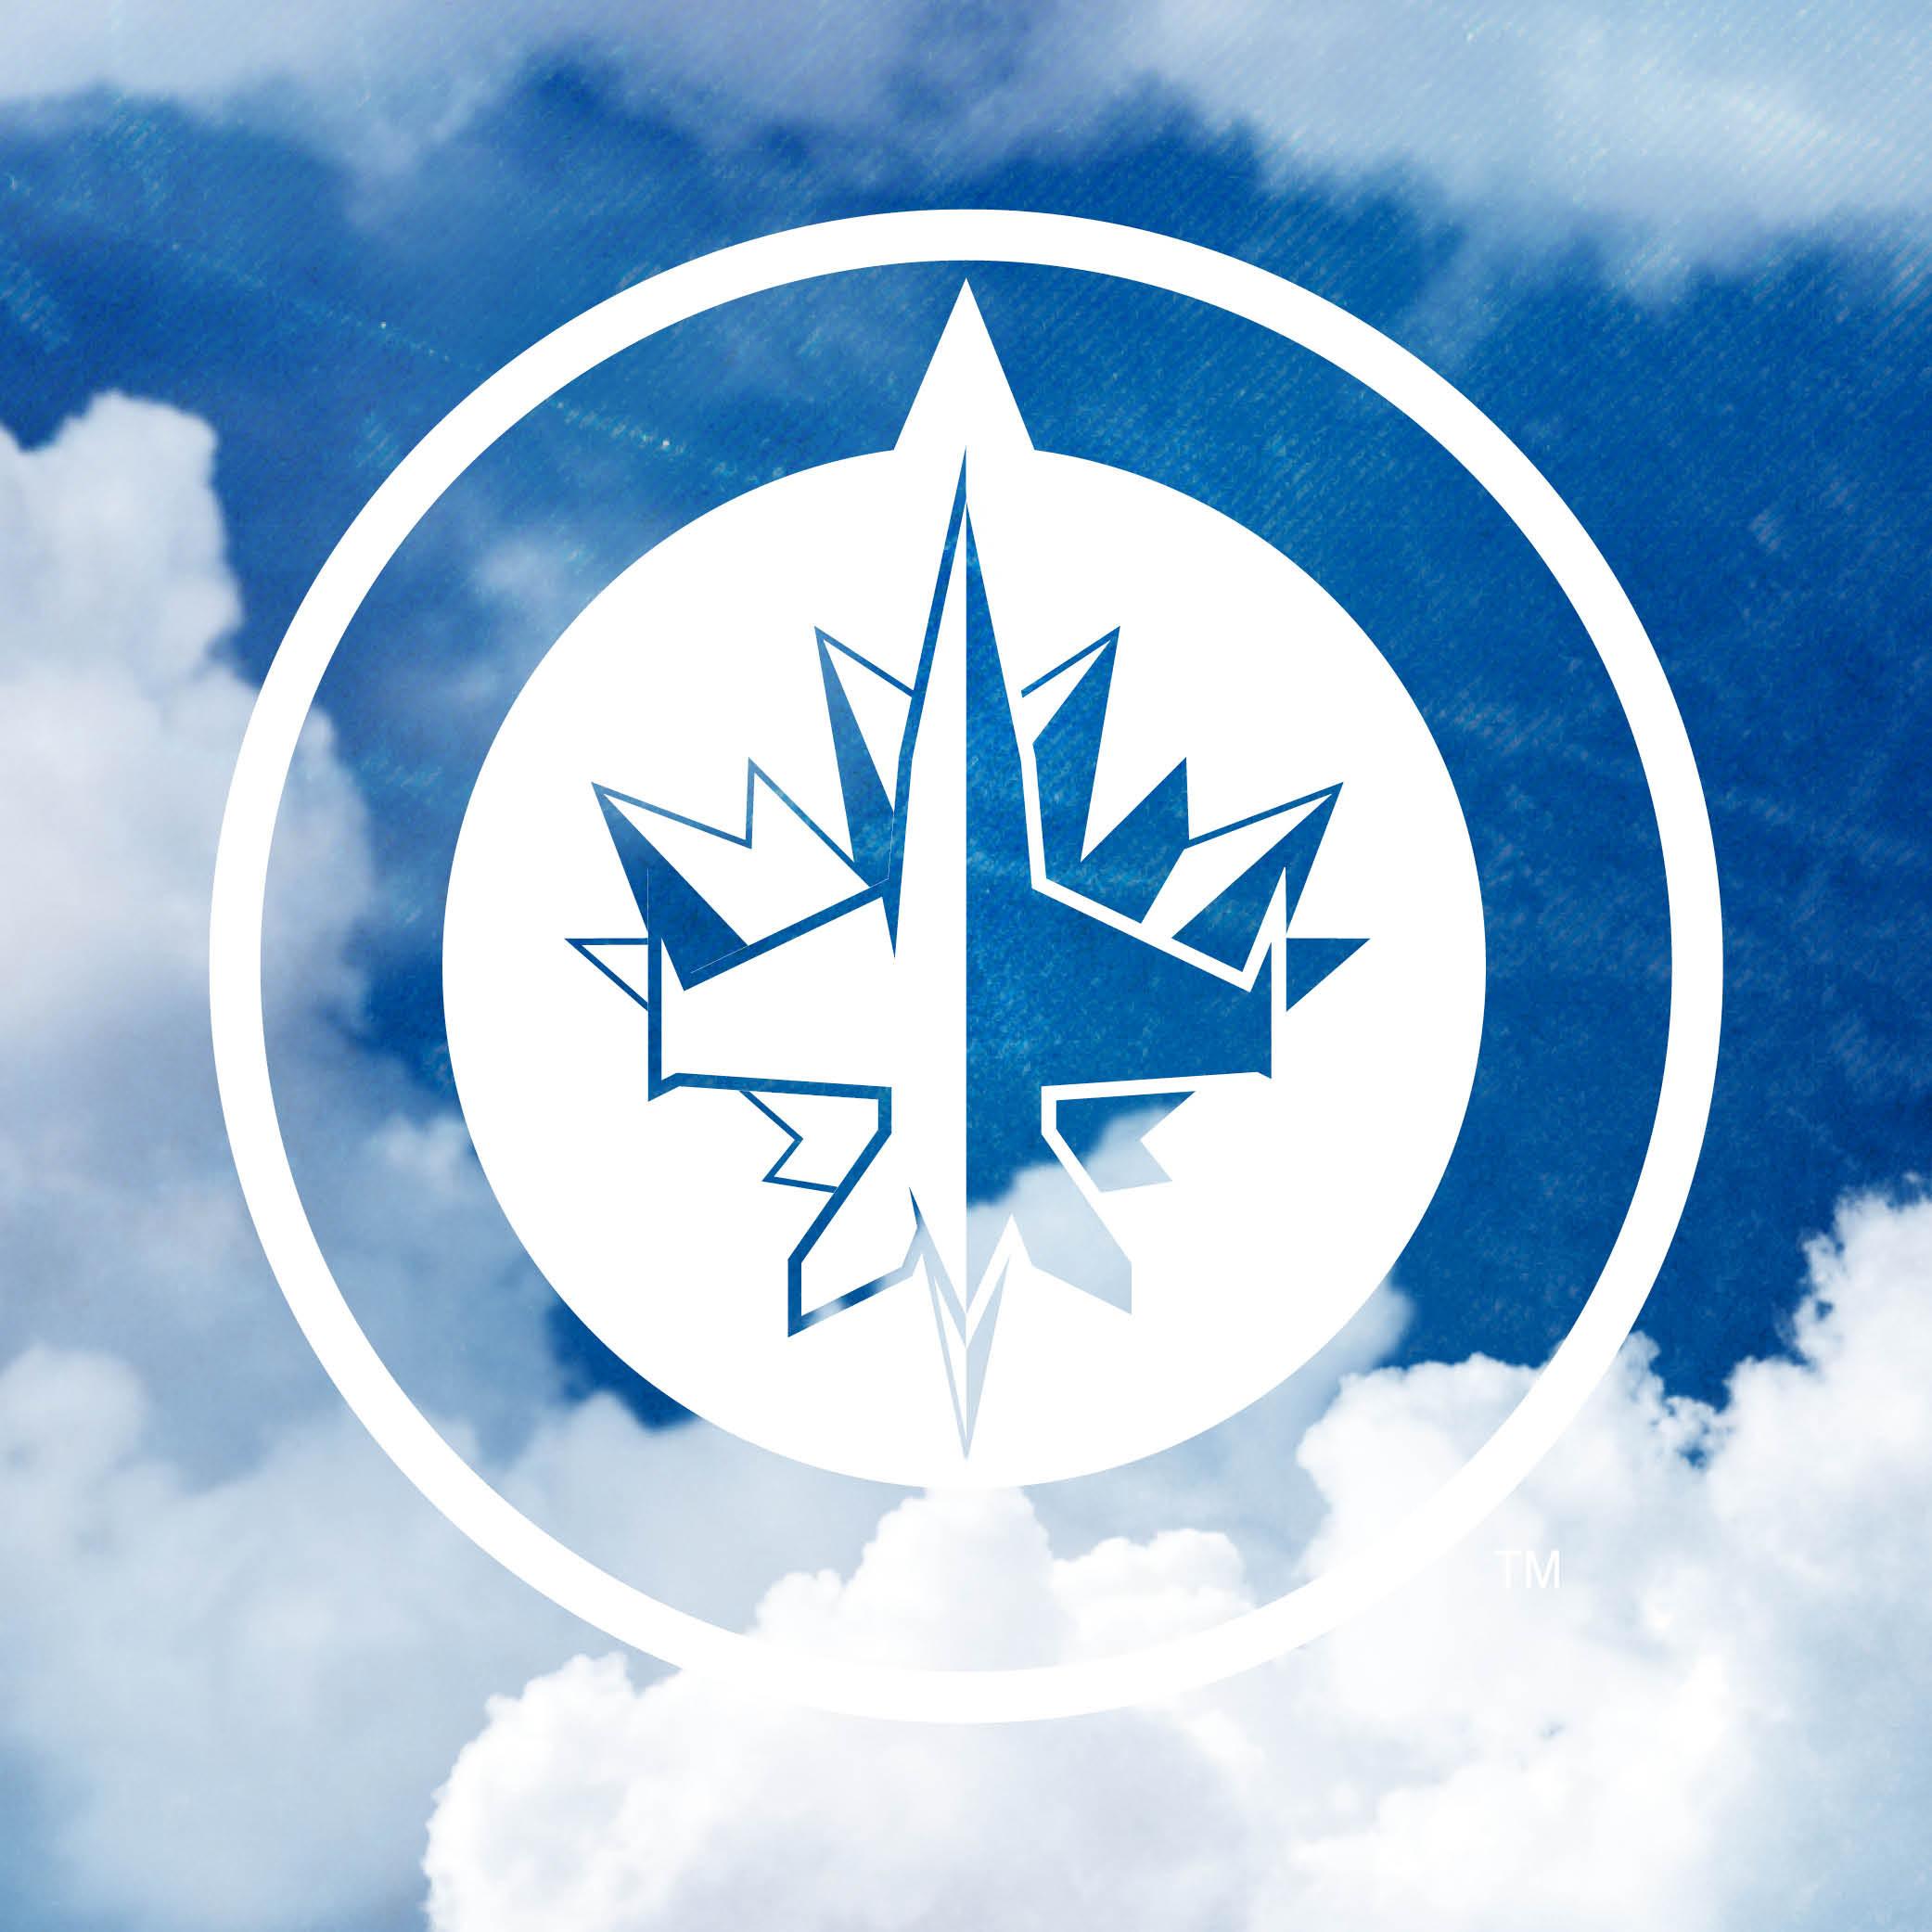 Winnipeg Jets Wallpapers 2083x2083